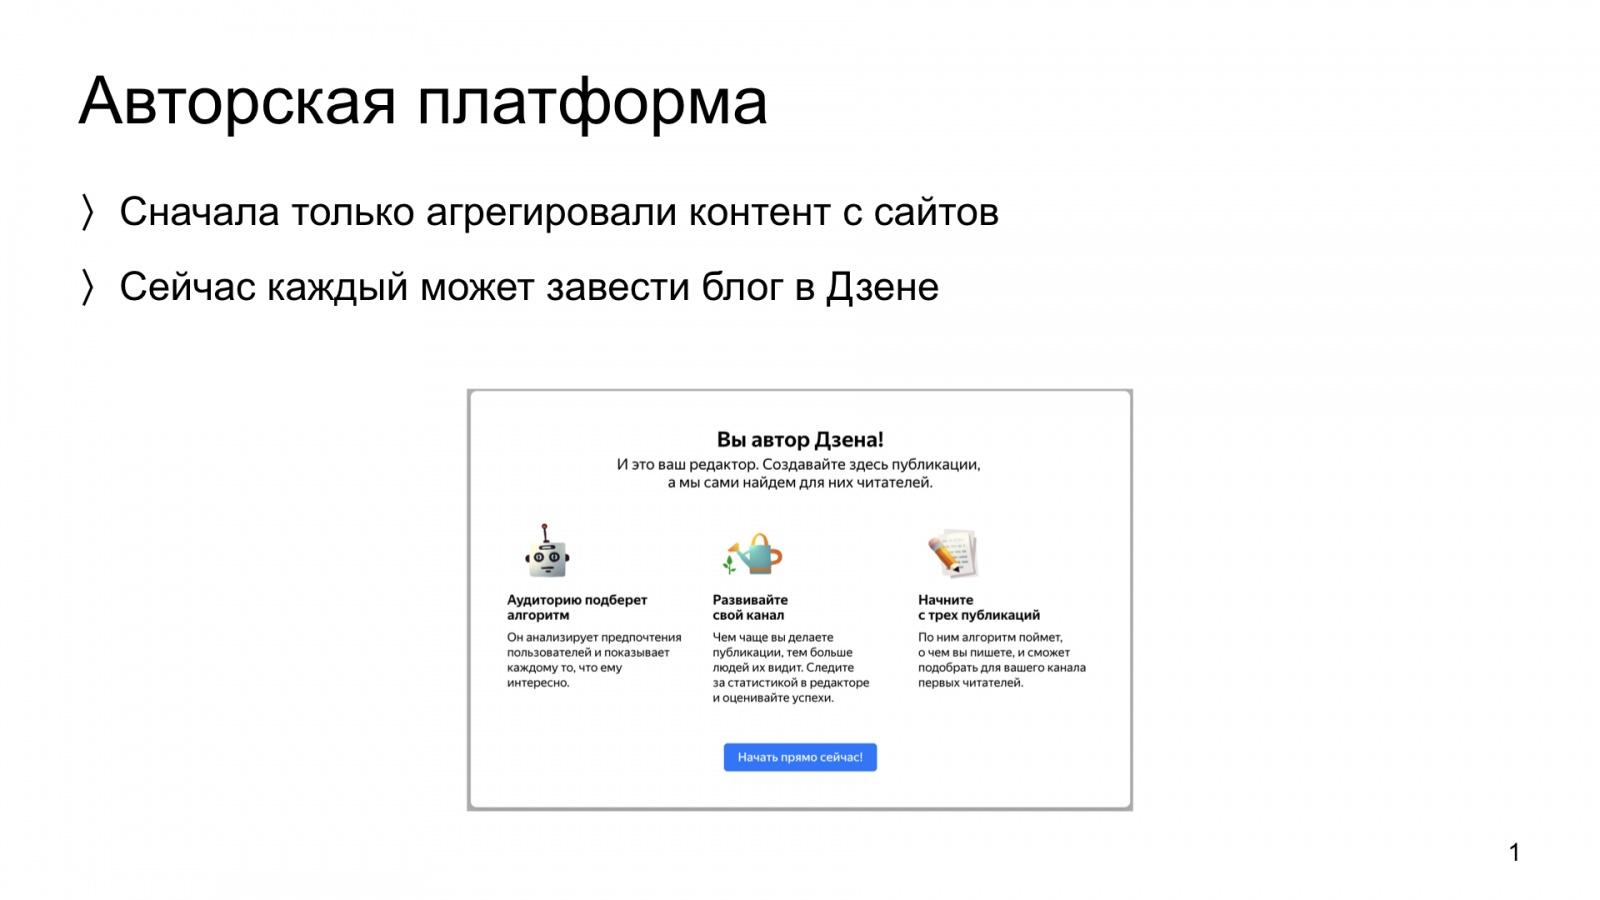 Автороцентричное ранжирование. Доклад Яндекса о поиске релевантной аудитории для авторов Дзена - 1